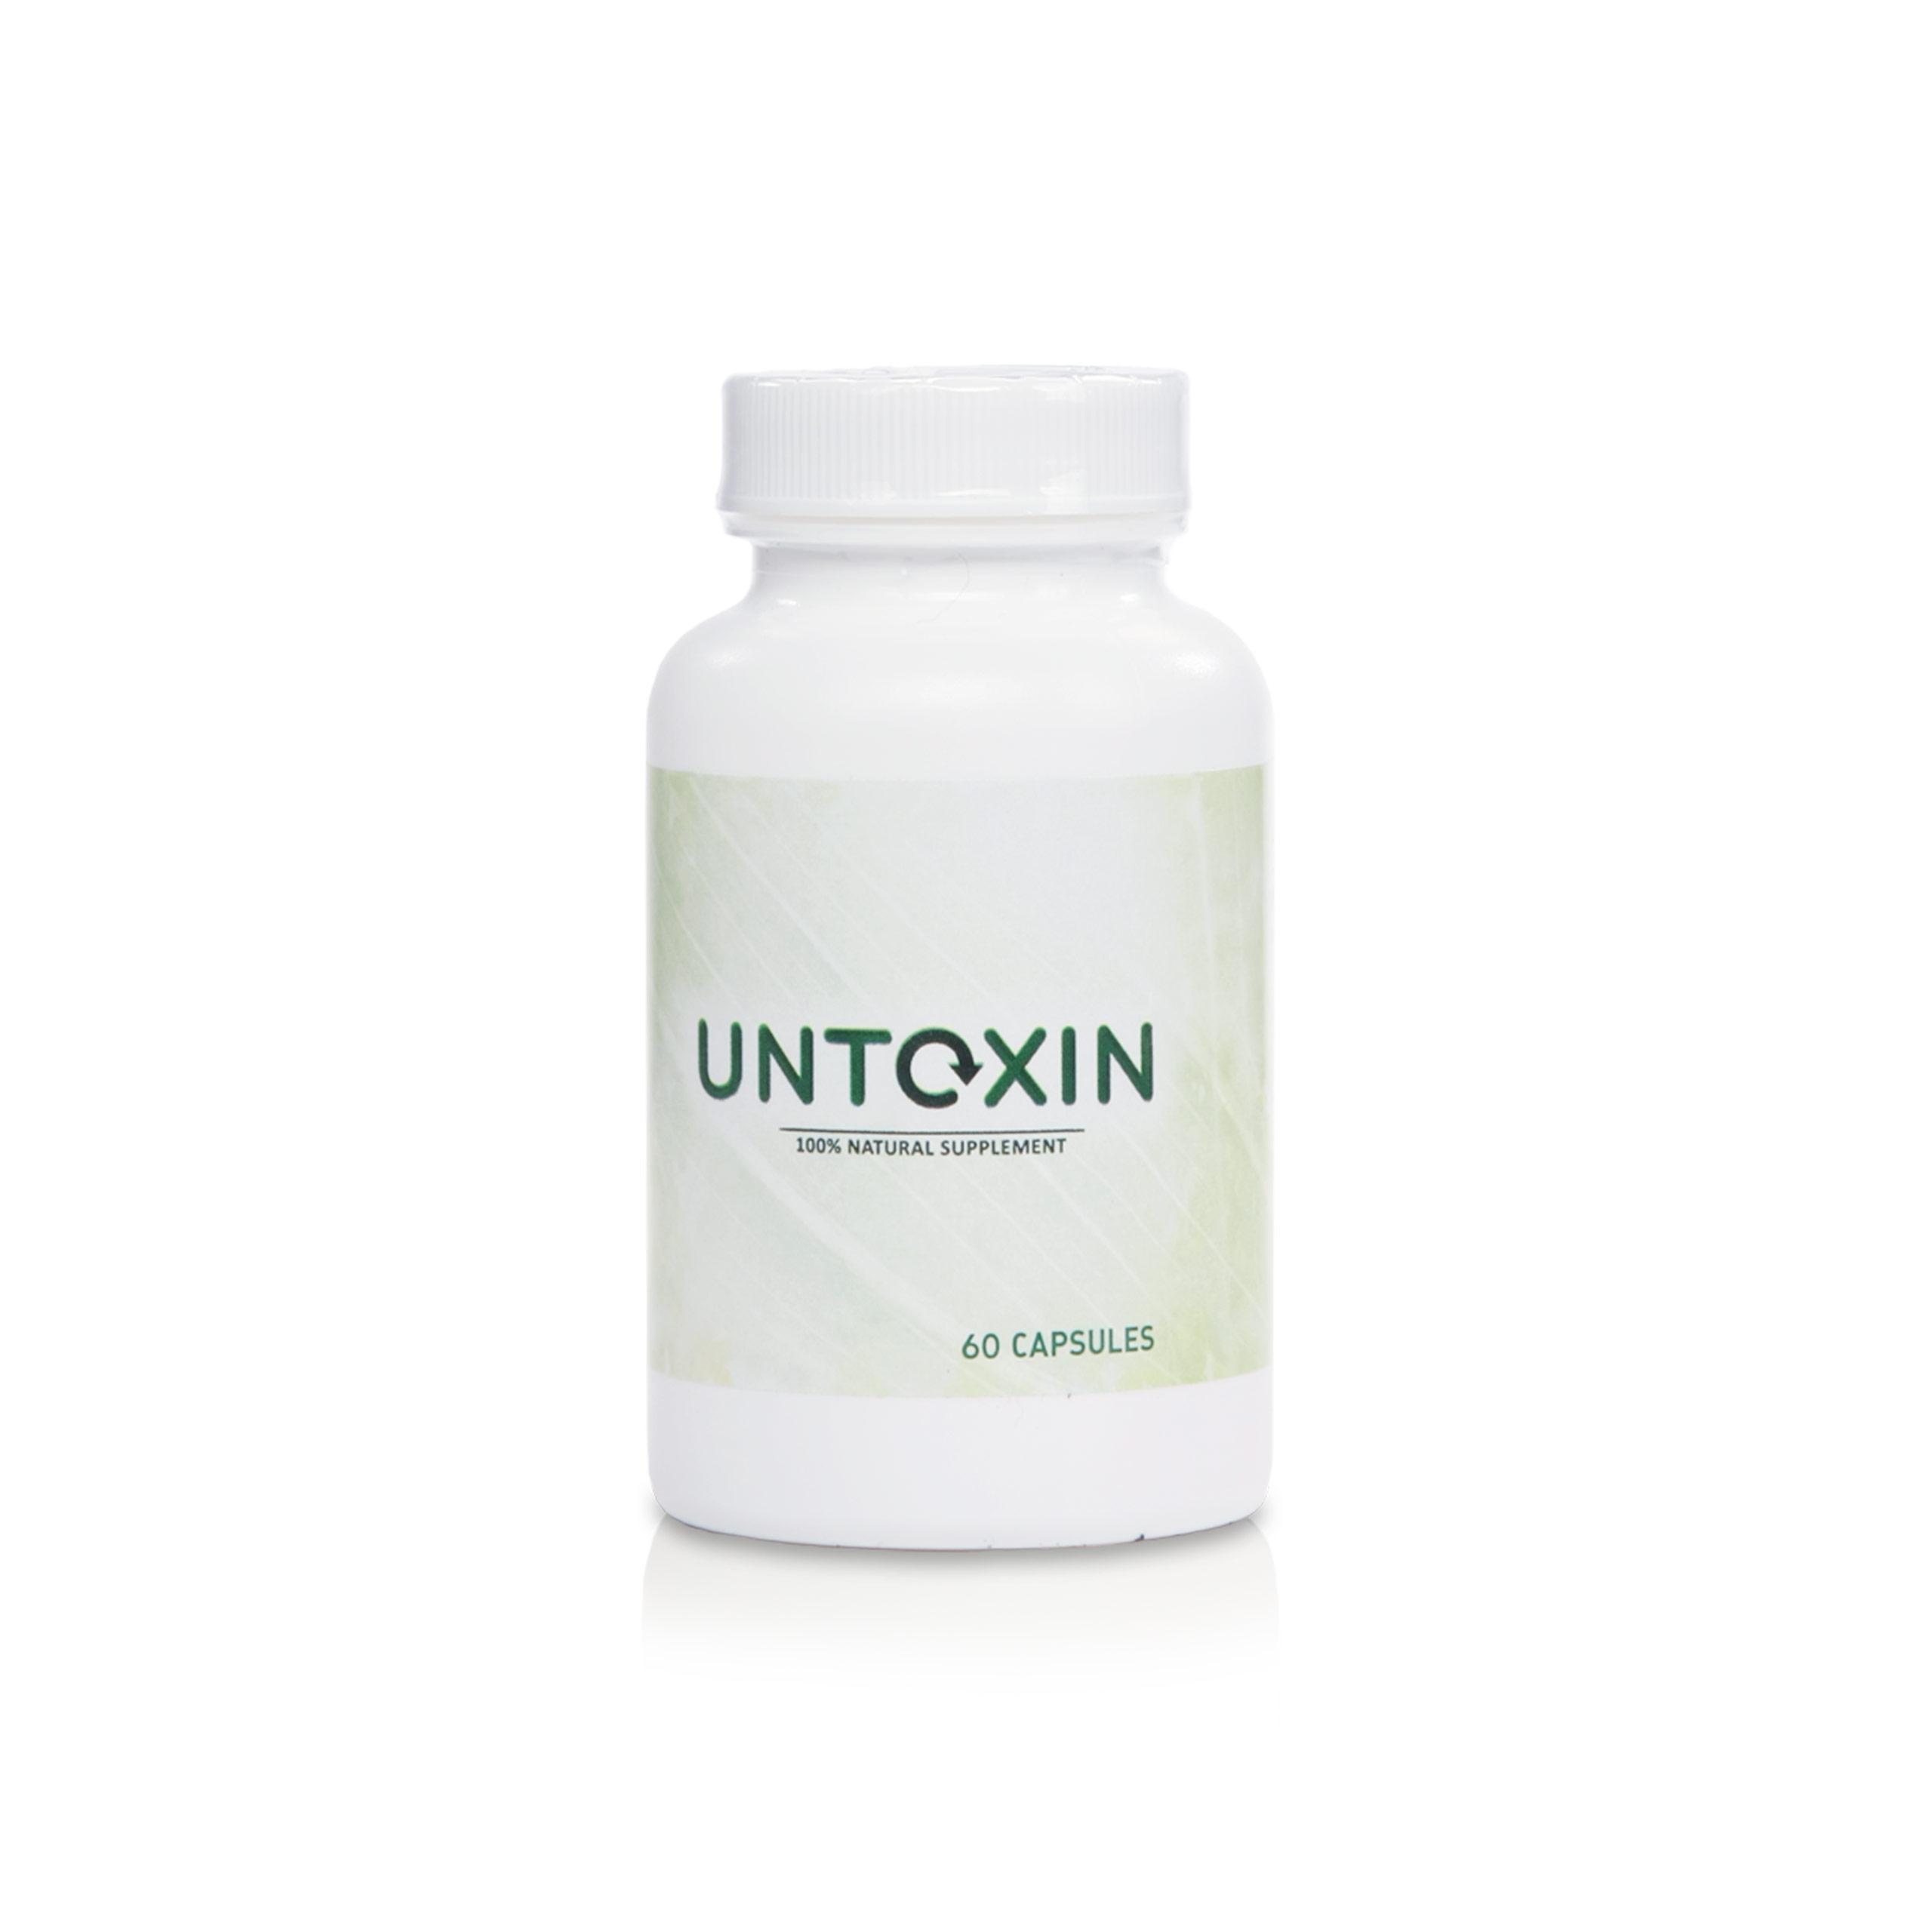 Untoxin - suomi - hinta - kokemuksia - suomesta - käyttöohje - sokos - suomessa - annostus - tuote